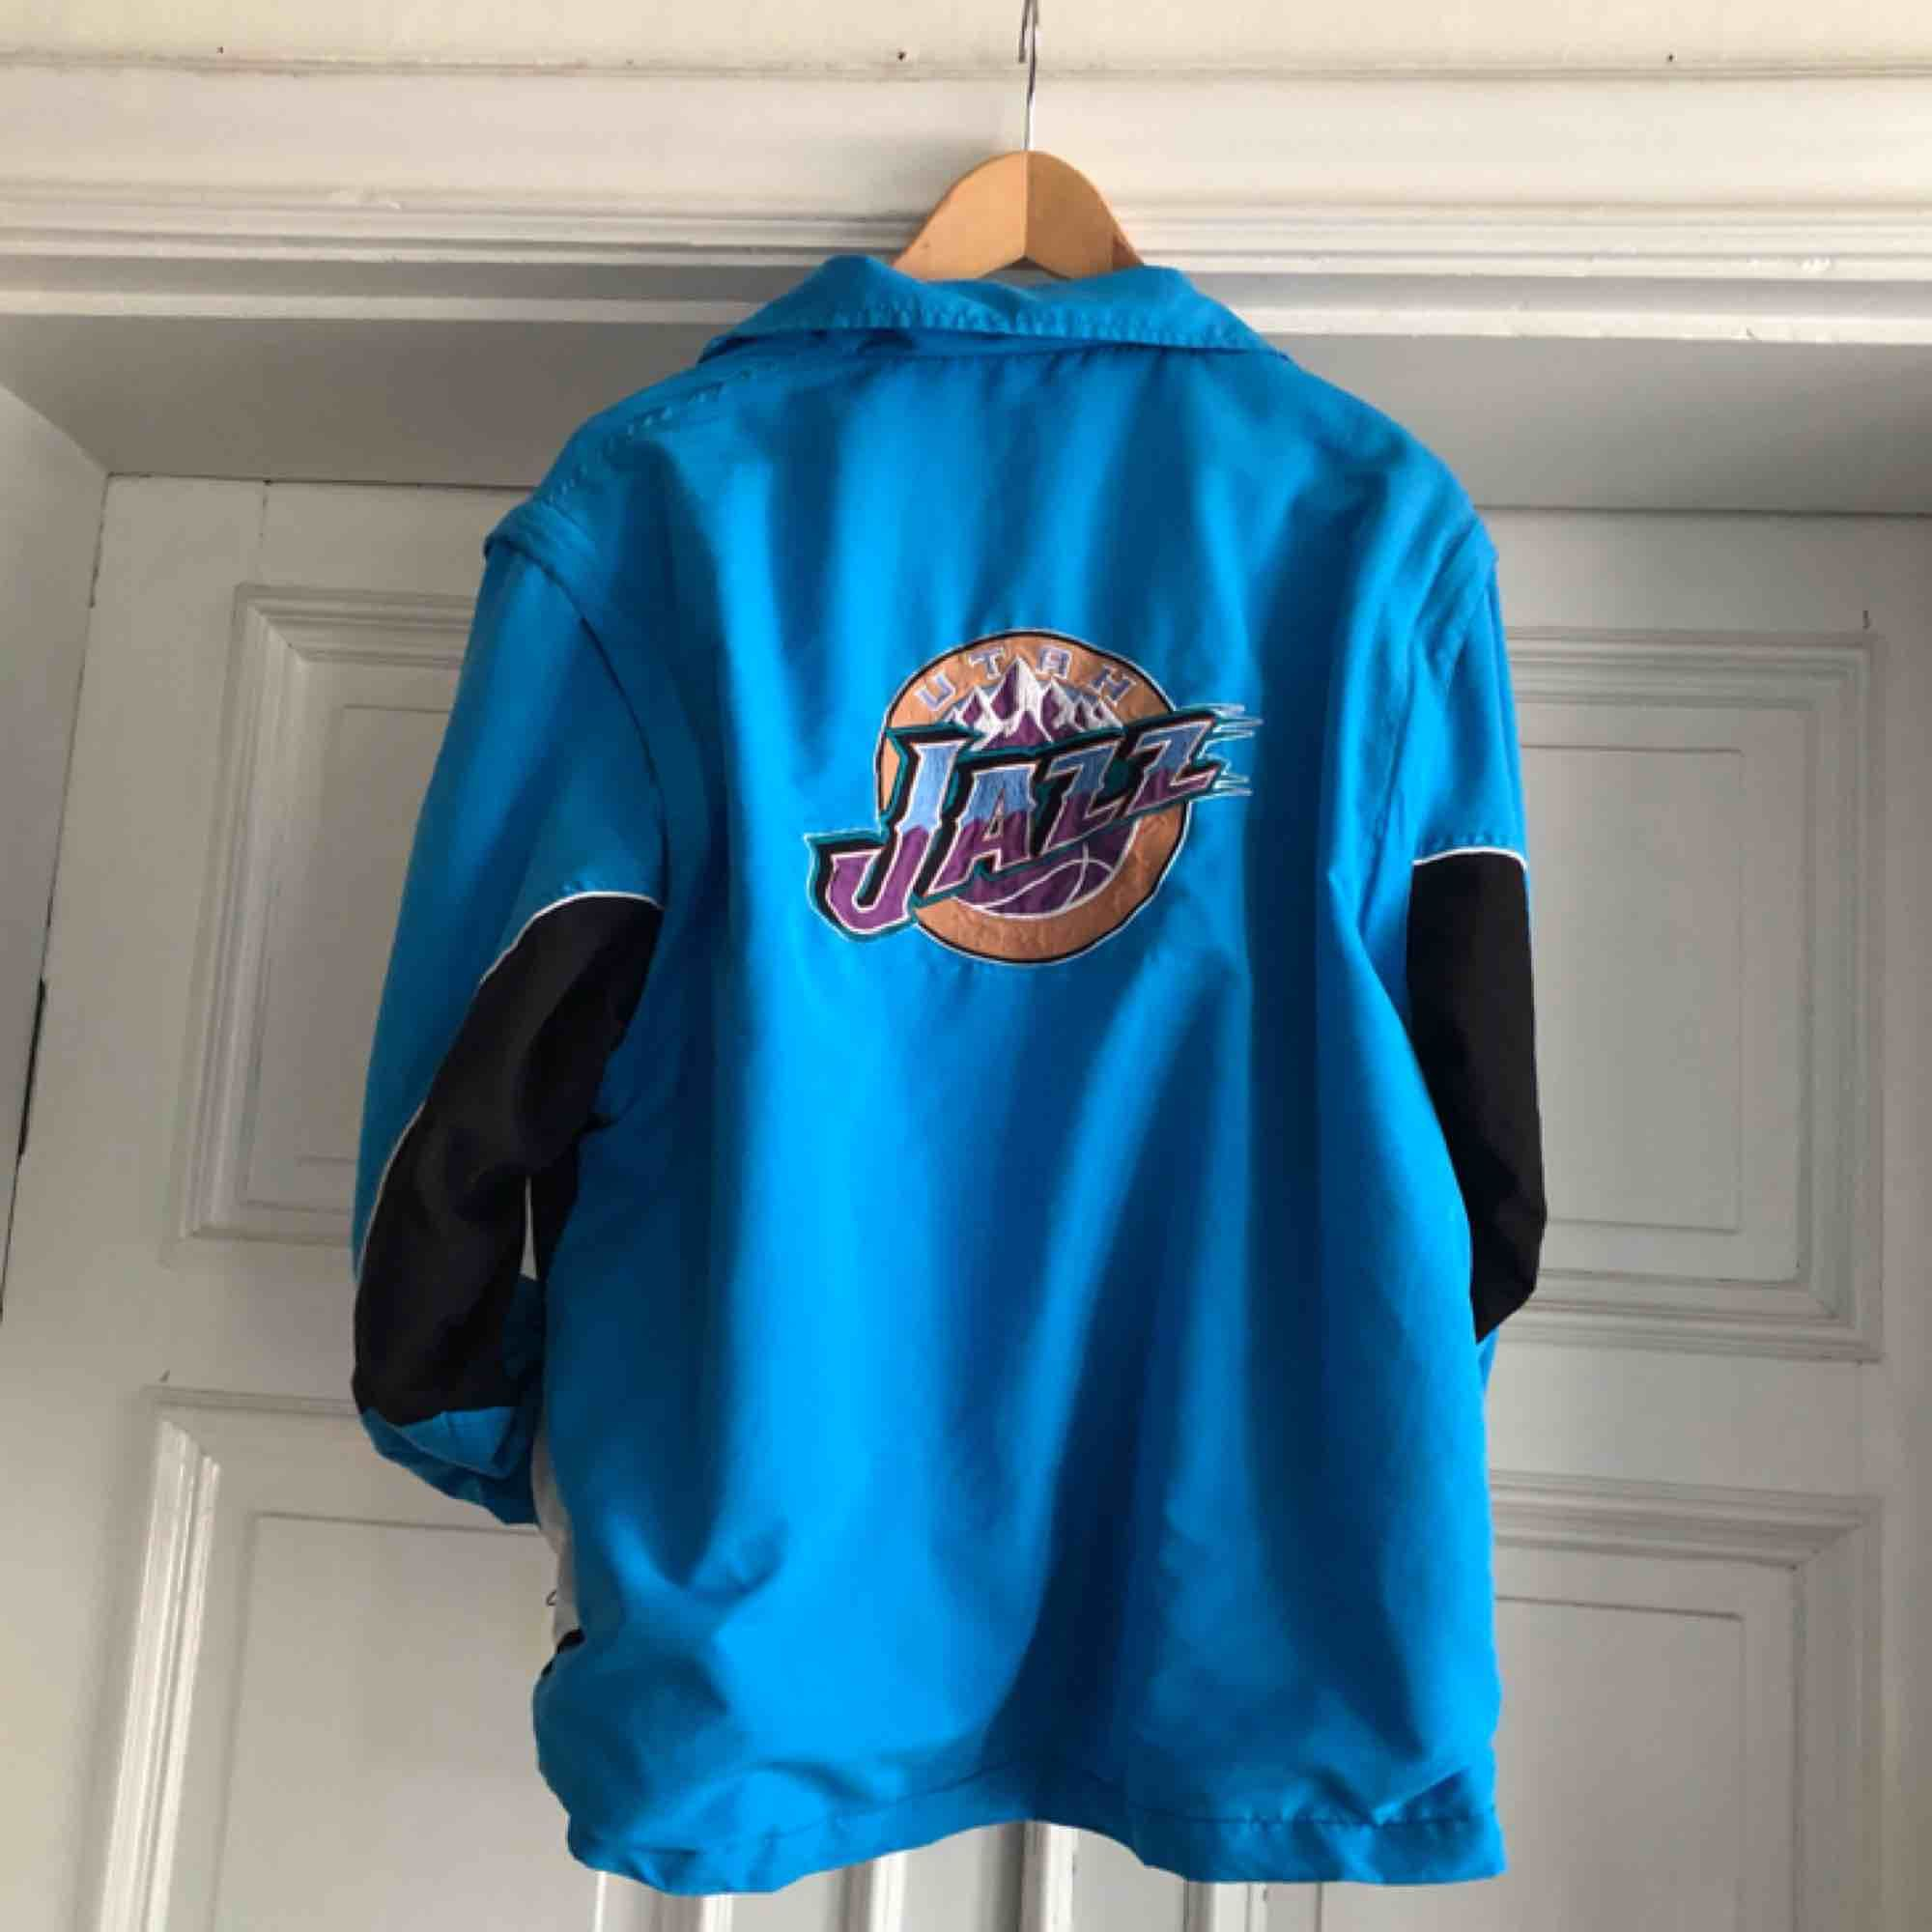 Vintage Utah Jazz NBA jacka med avtagbara armar. Broderade detaljer på rygg, bröst och arm. Uppskattningsvis från början av 90 talet. Väl använd med en del slitage - Medium - 450 SEK #forsale #secondhand #vintageclothes . Jackor.